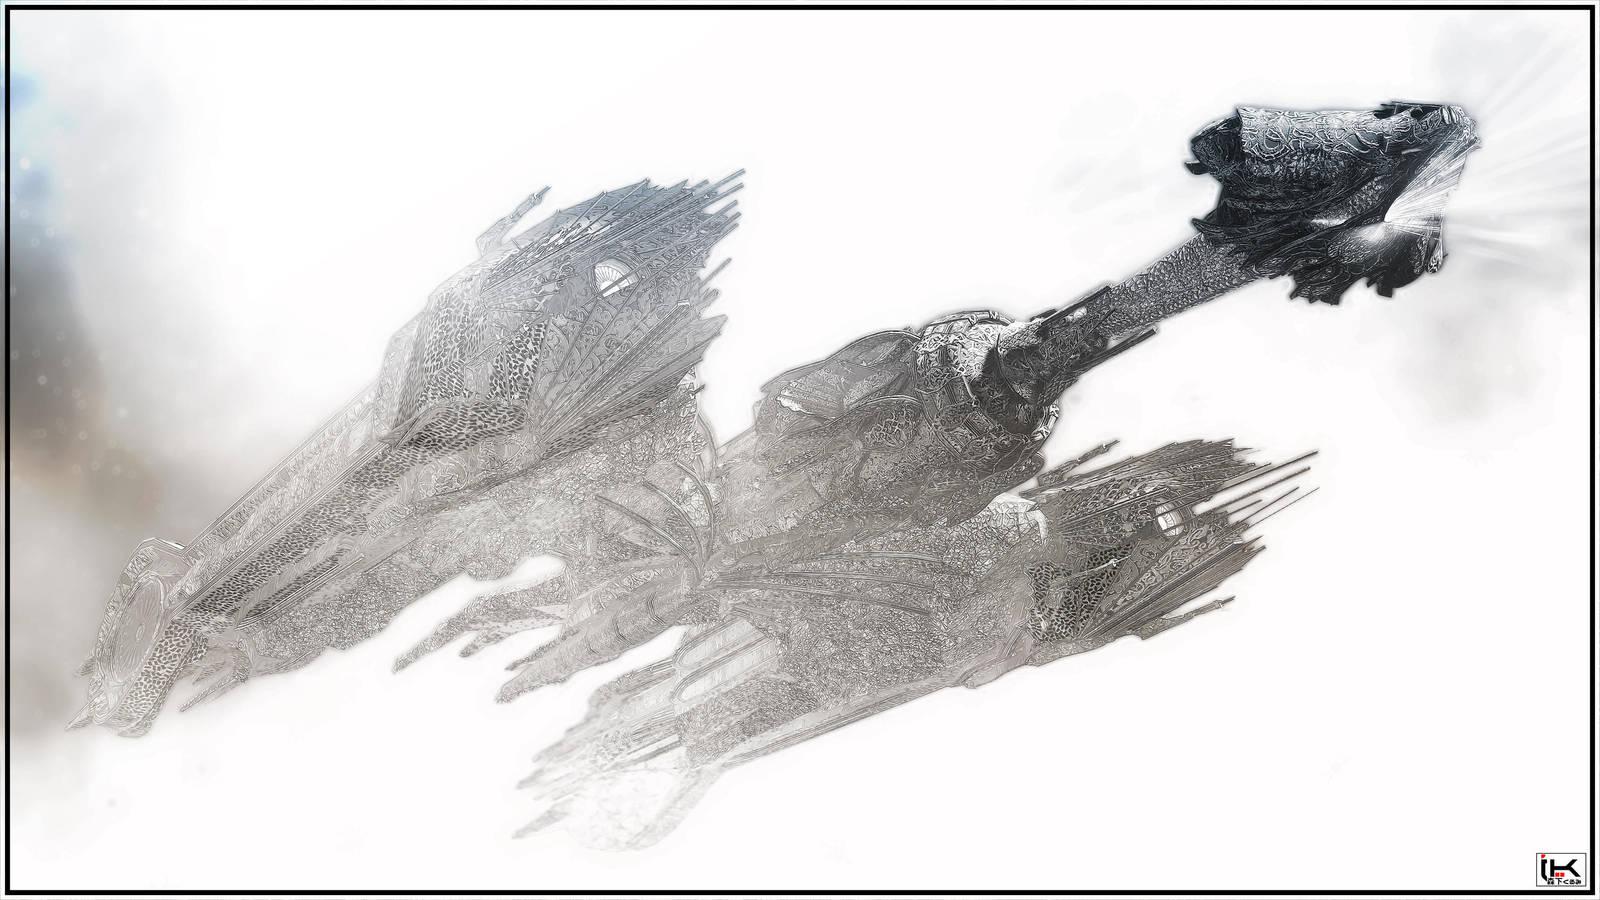 gothic_shadow_by_kurumi_morishita_dcs3zkd-fullview.jpg